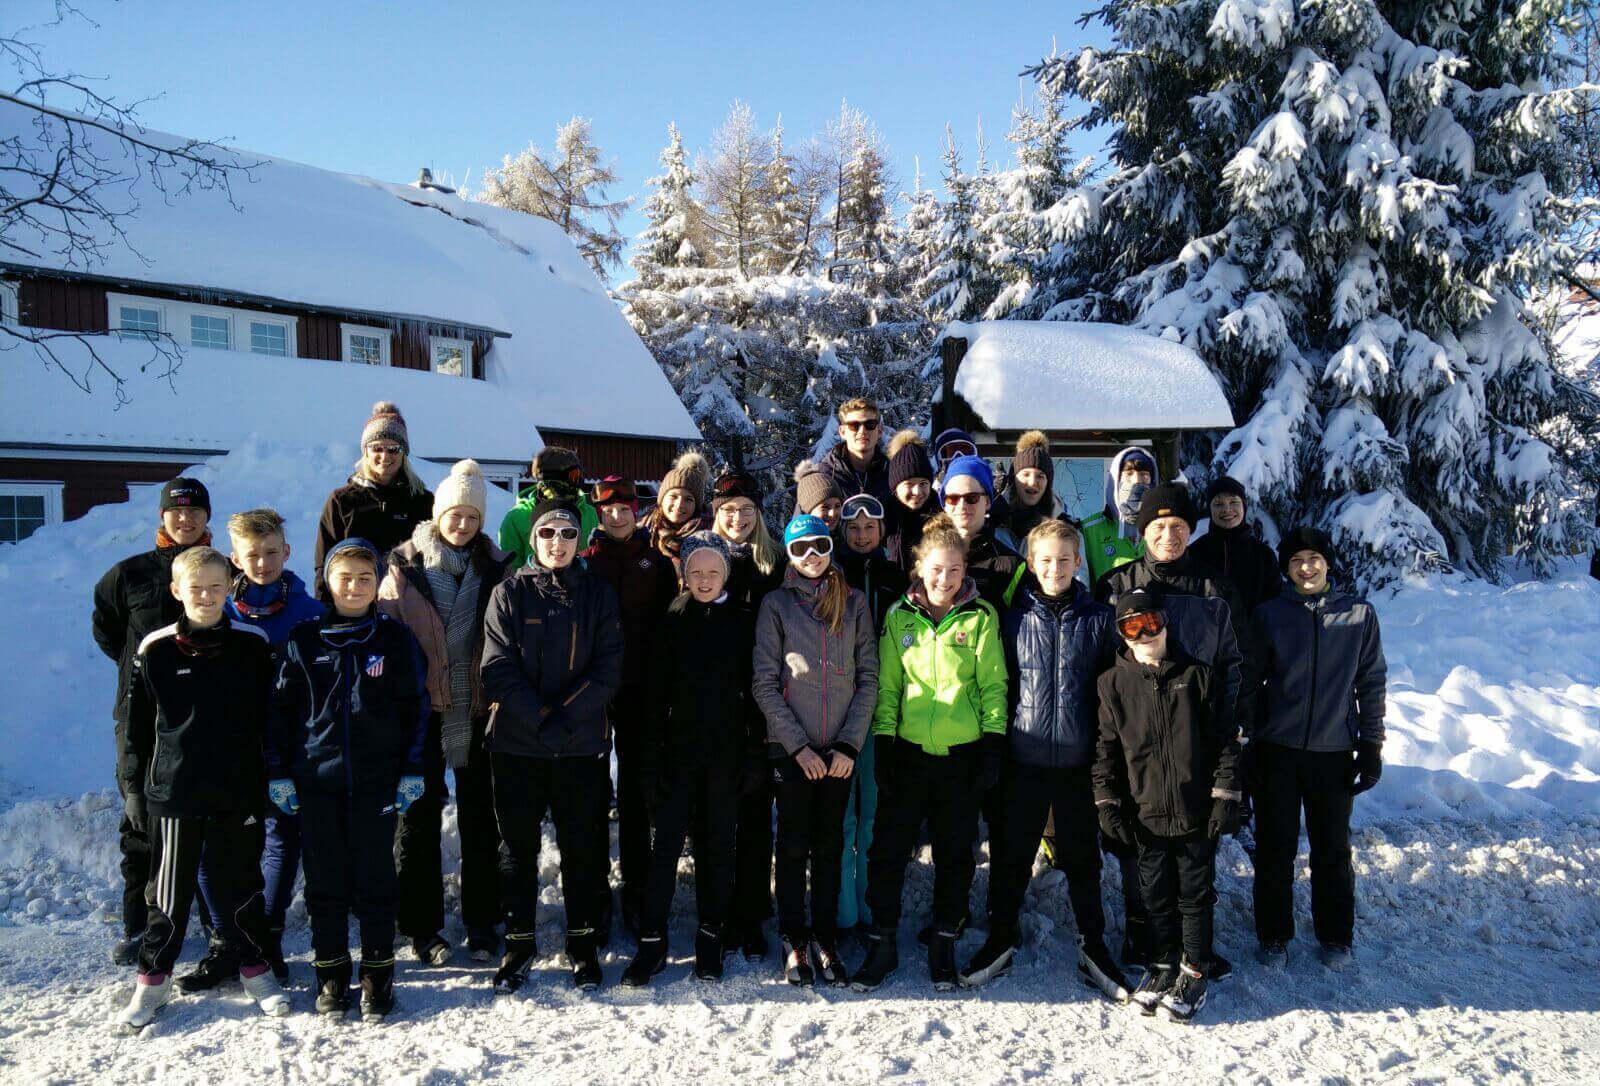 JtfO - Ski-Langlauf - Unsere Teams in wunderschöner Schneelandschaft